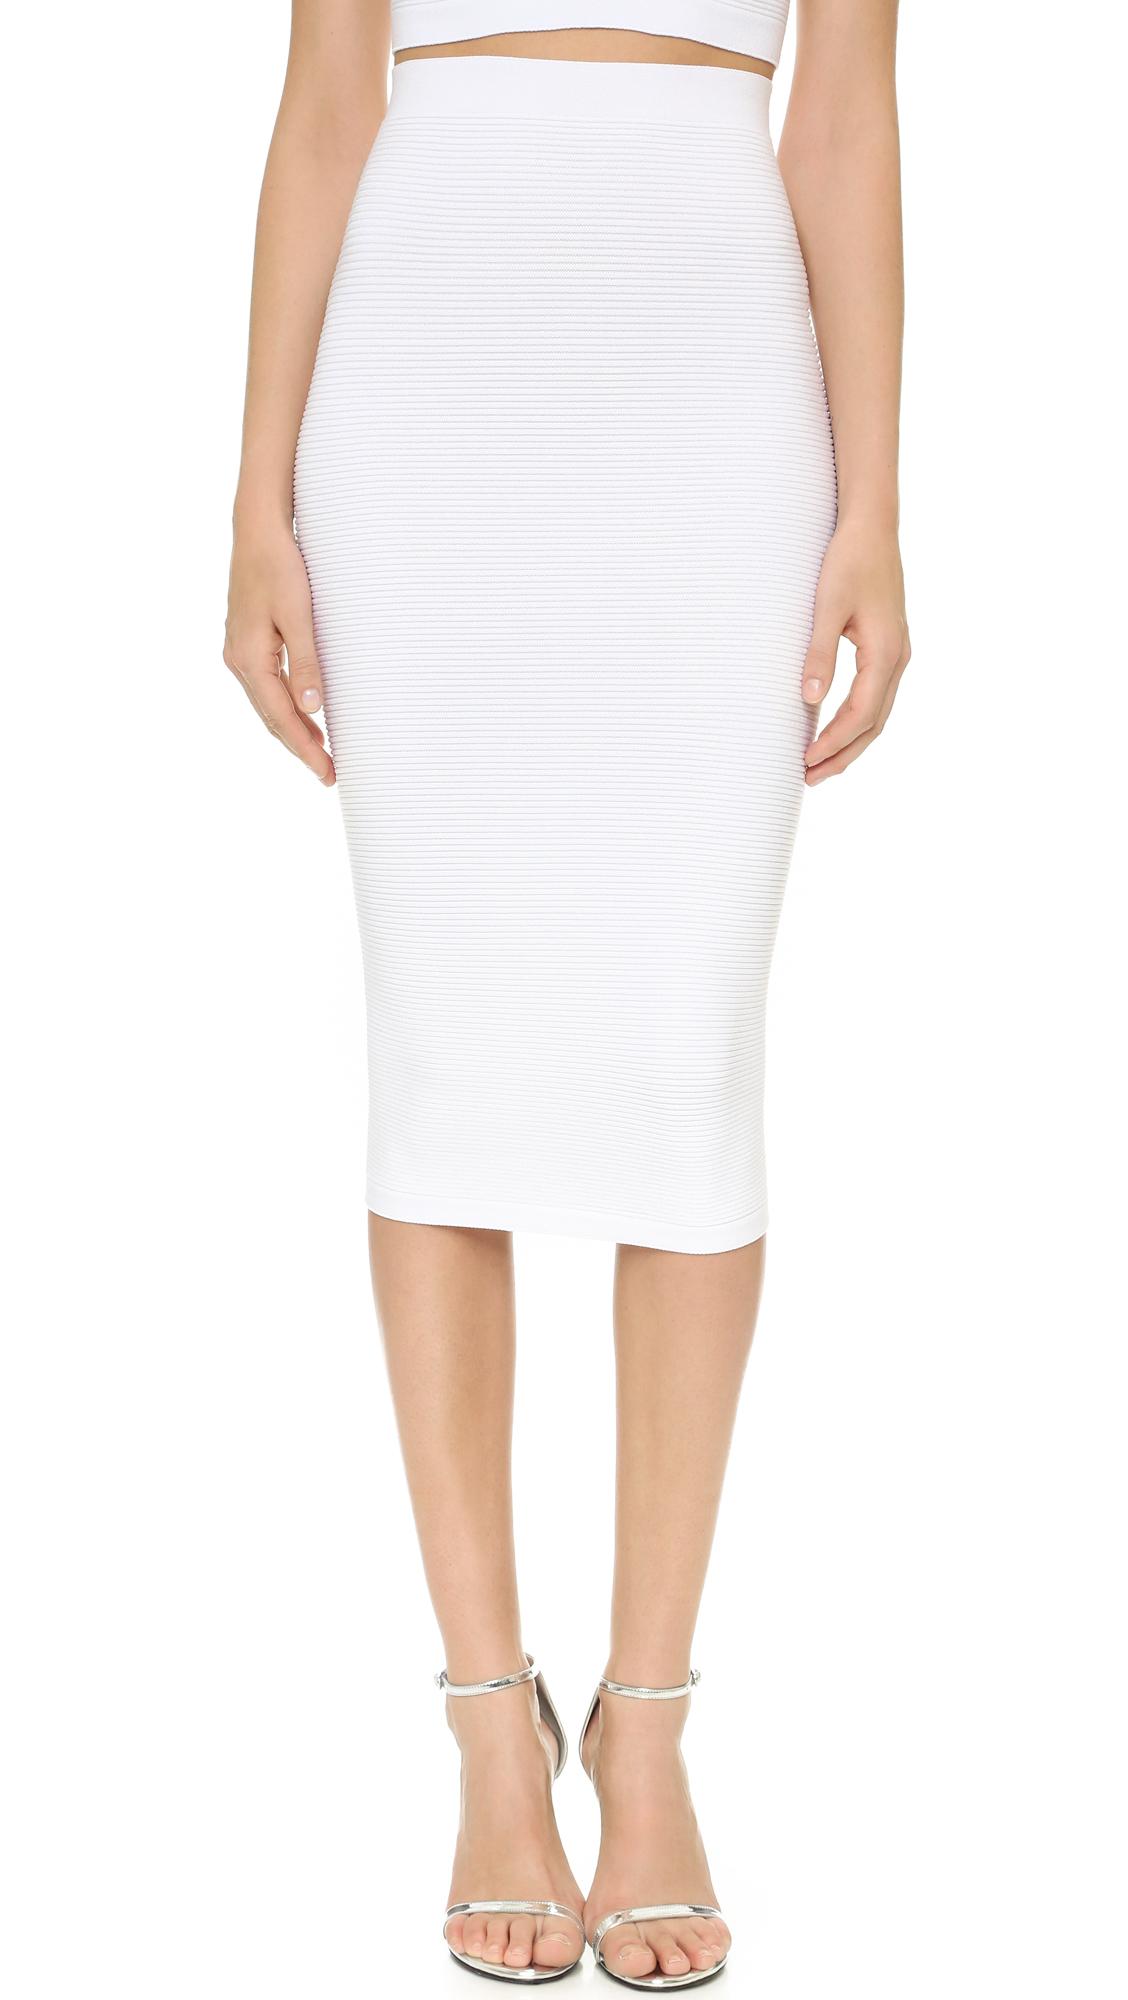 Cushnie Et Ochs Knit Pencil Skirt - White